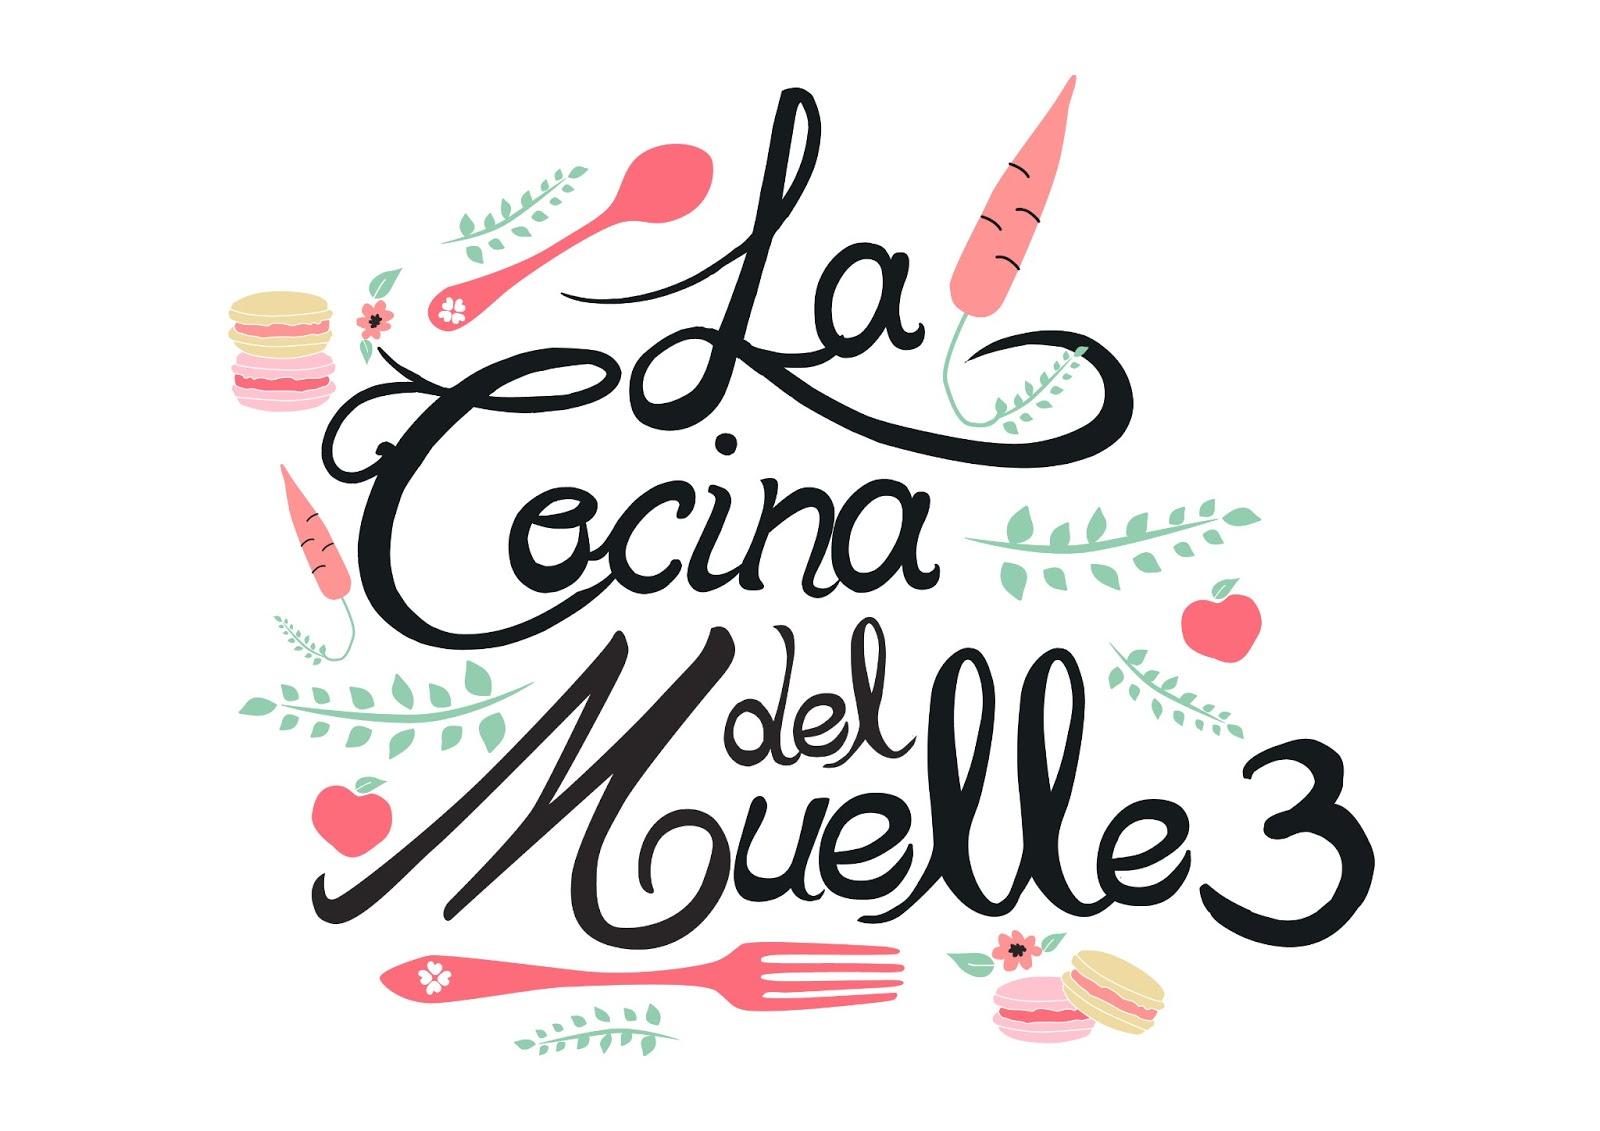 Logotipo de comida imagui for Utensilios de cocina logo